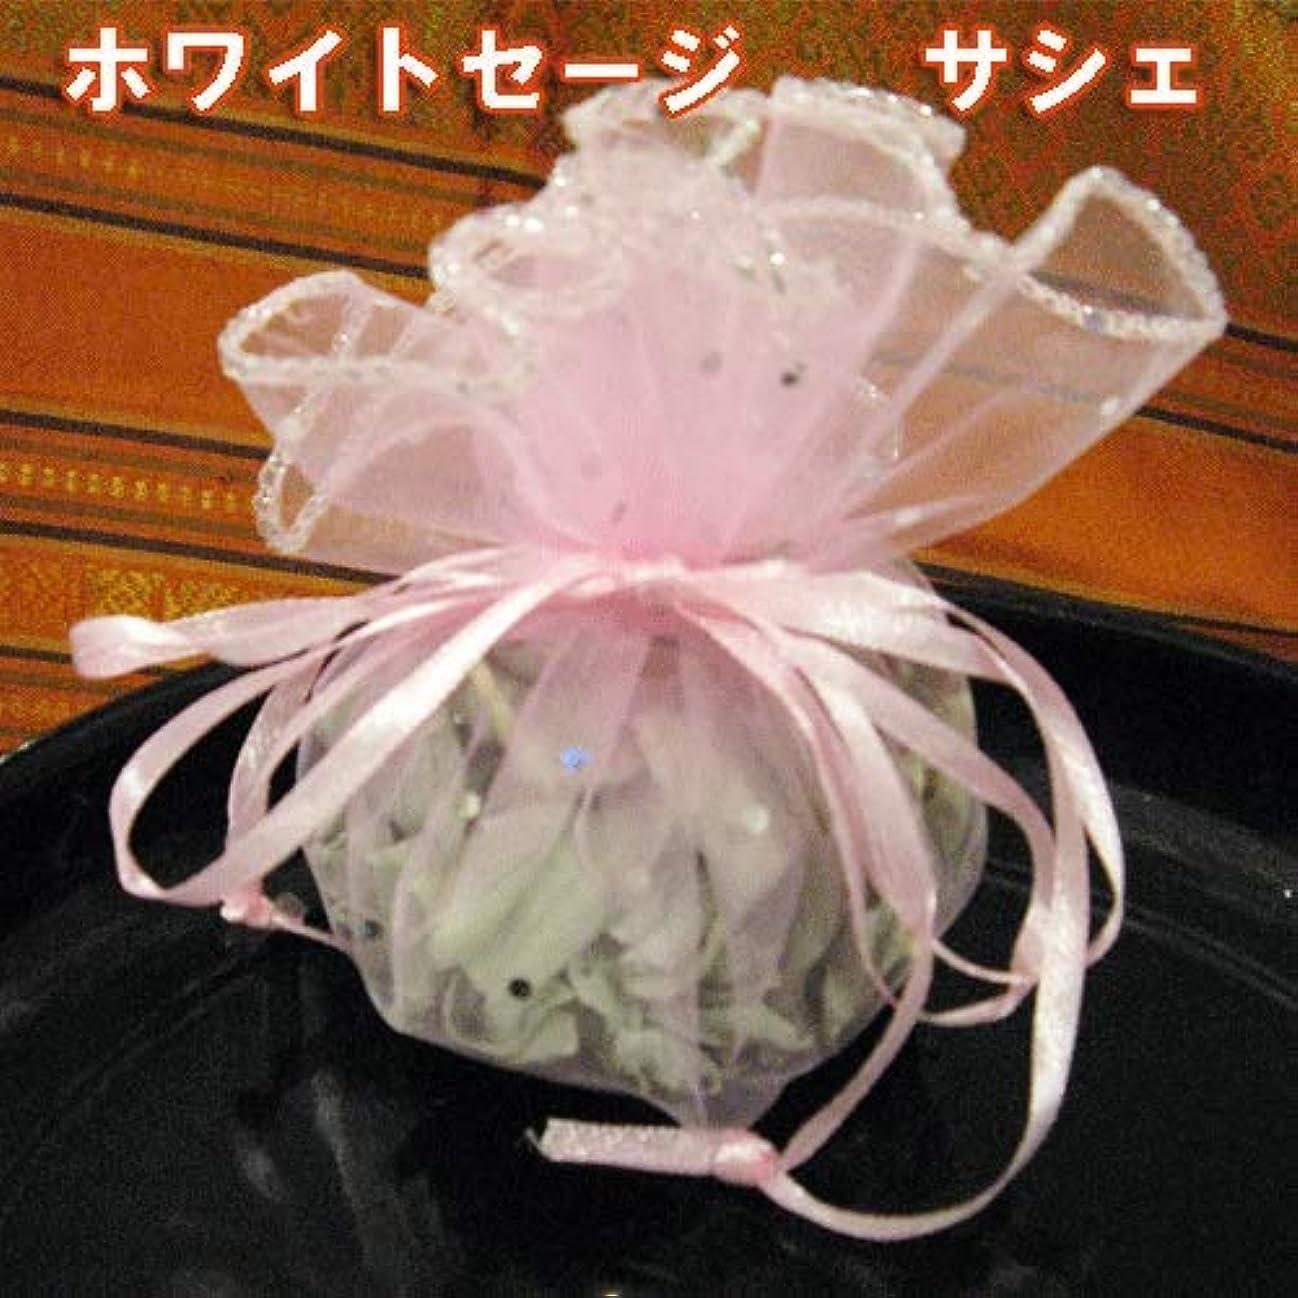 斧触覚石鹸ホワイトセージ サシェ オーガンジー袋入り 約10g